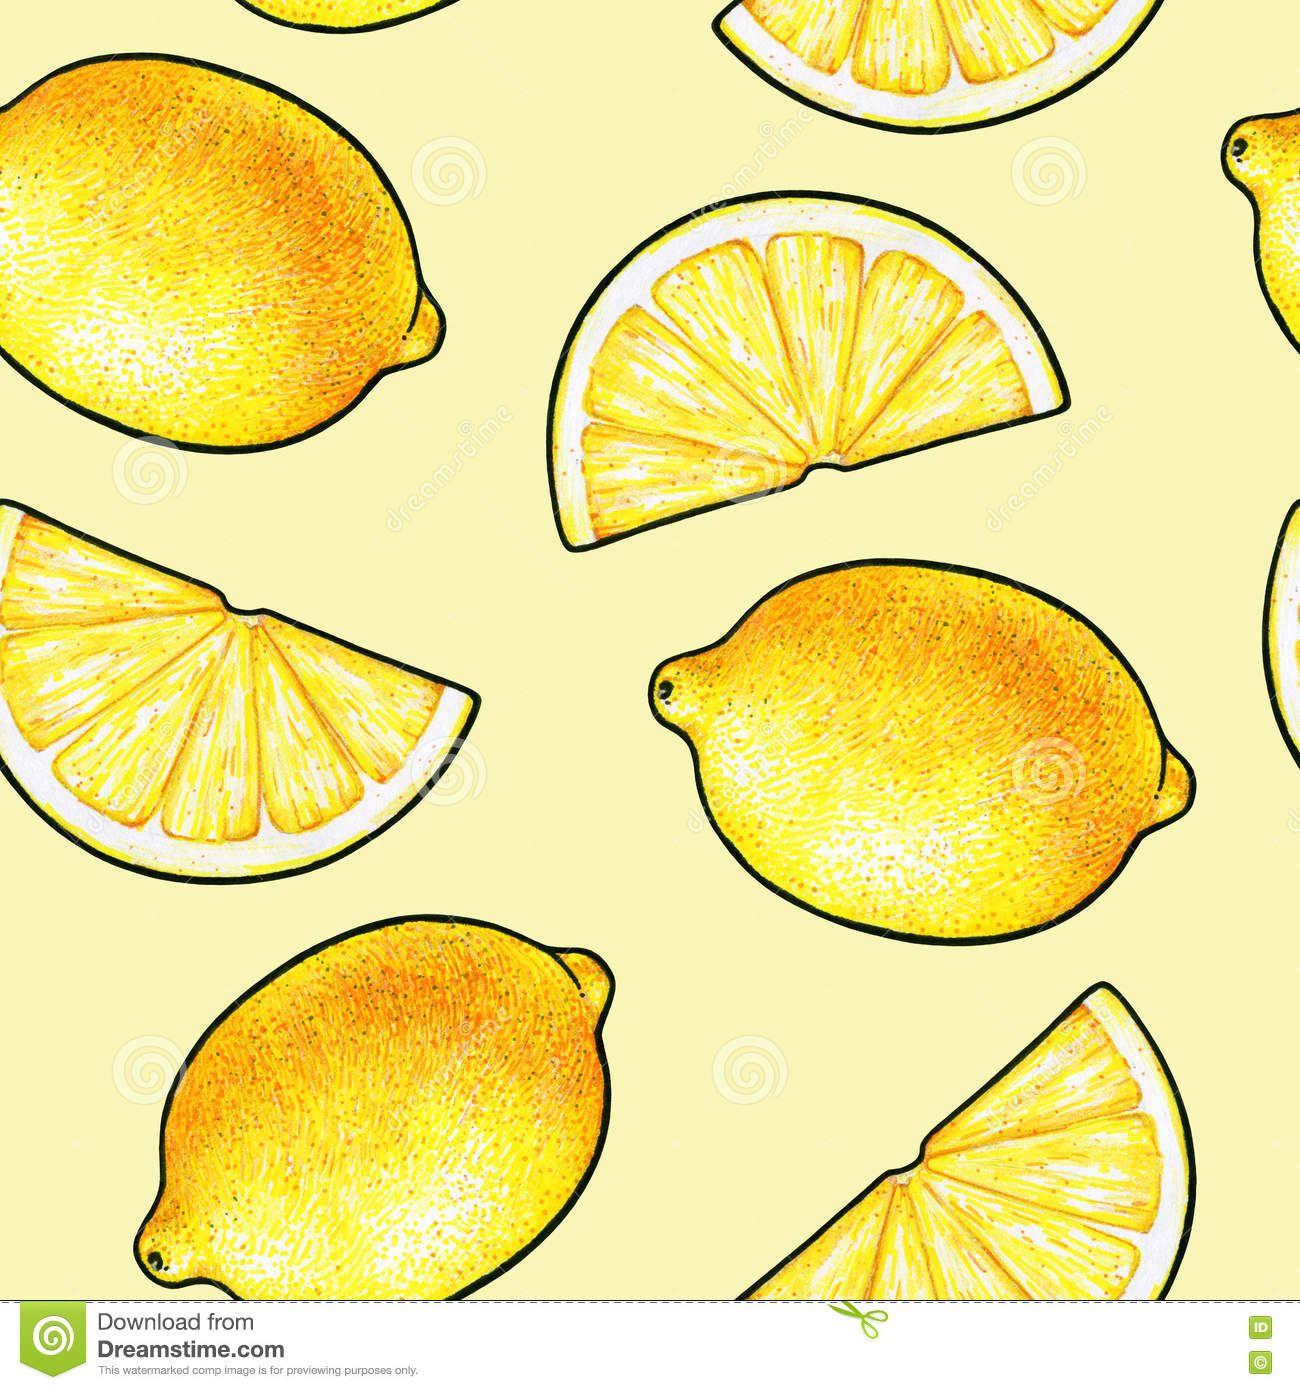 Frutas Amarillas Hermosas Del Limon Aisladas En Fondo Amarillo Dibujo Del Garabato Del Limon Modelo Inconsutil Foto De Dibujos De Frutas Dibujos Fondo Amarillo